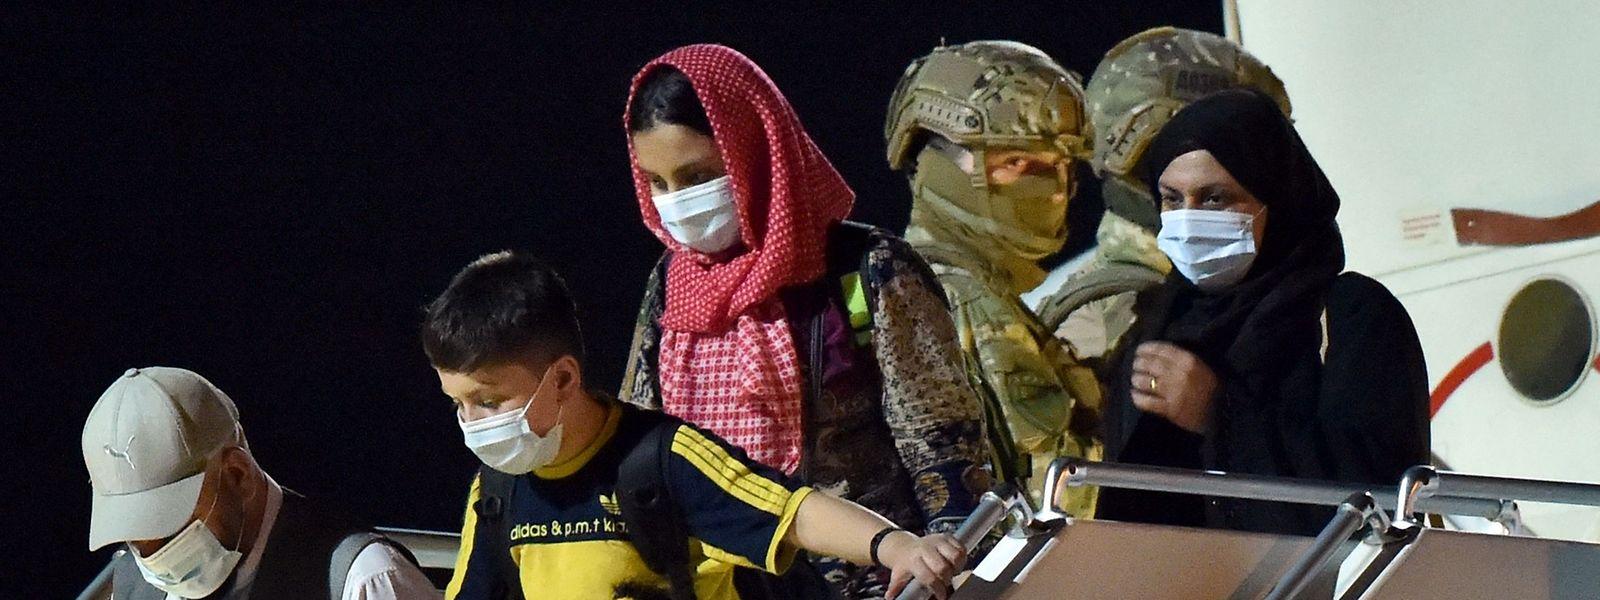 Une fois sur le sol belge, les rapatriés d'Afghanistan font un détour par la caserne de Peutie, à Vilvorde. Ils y passent des examens médicaux et des contrôles d'identité en présence de l'Office des Etrangers, de la Sûreté de l'Etat et des services de renseignements militaires.